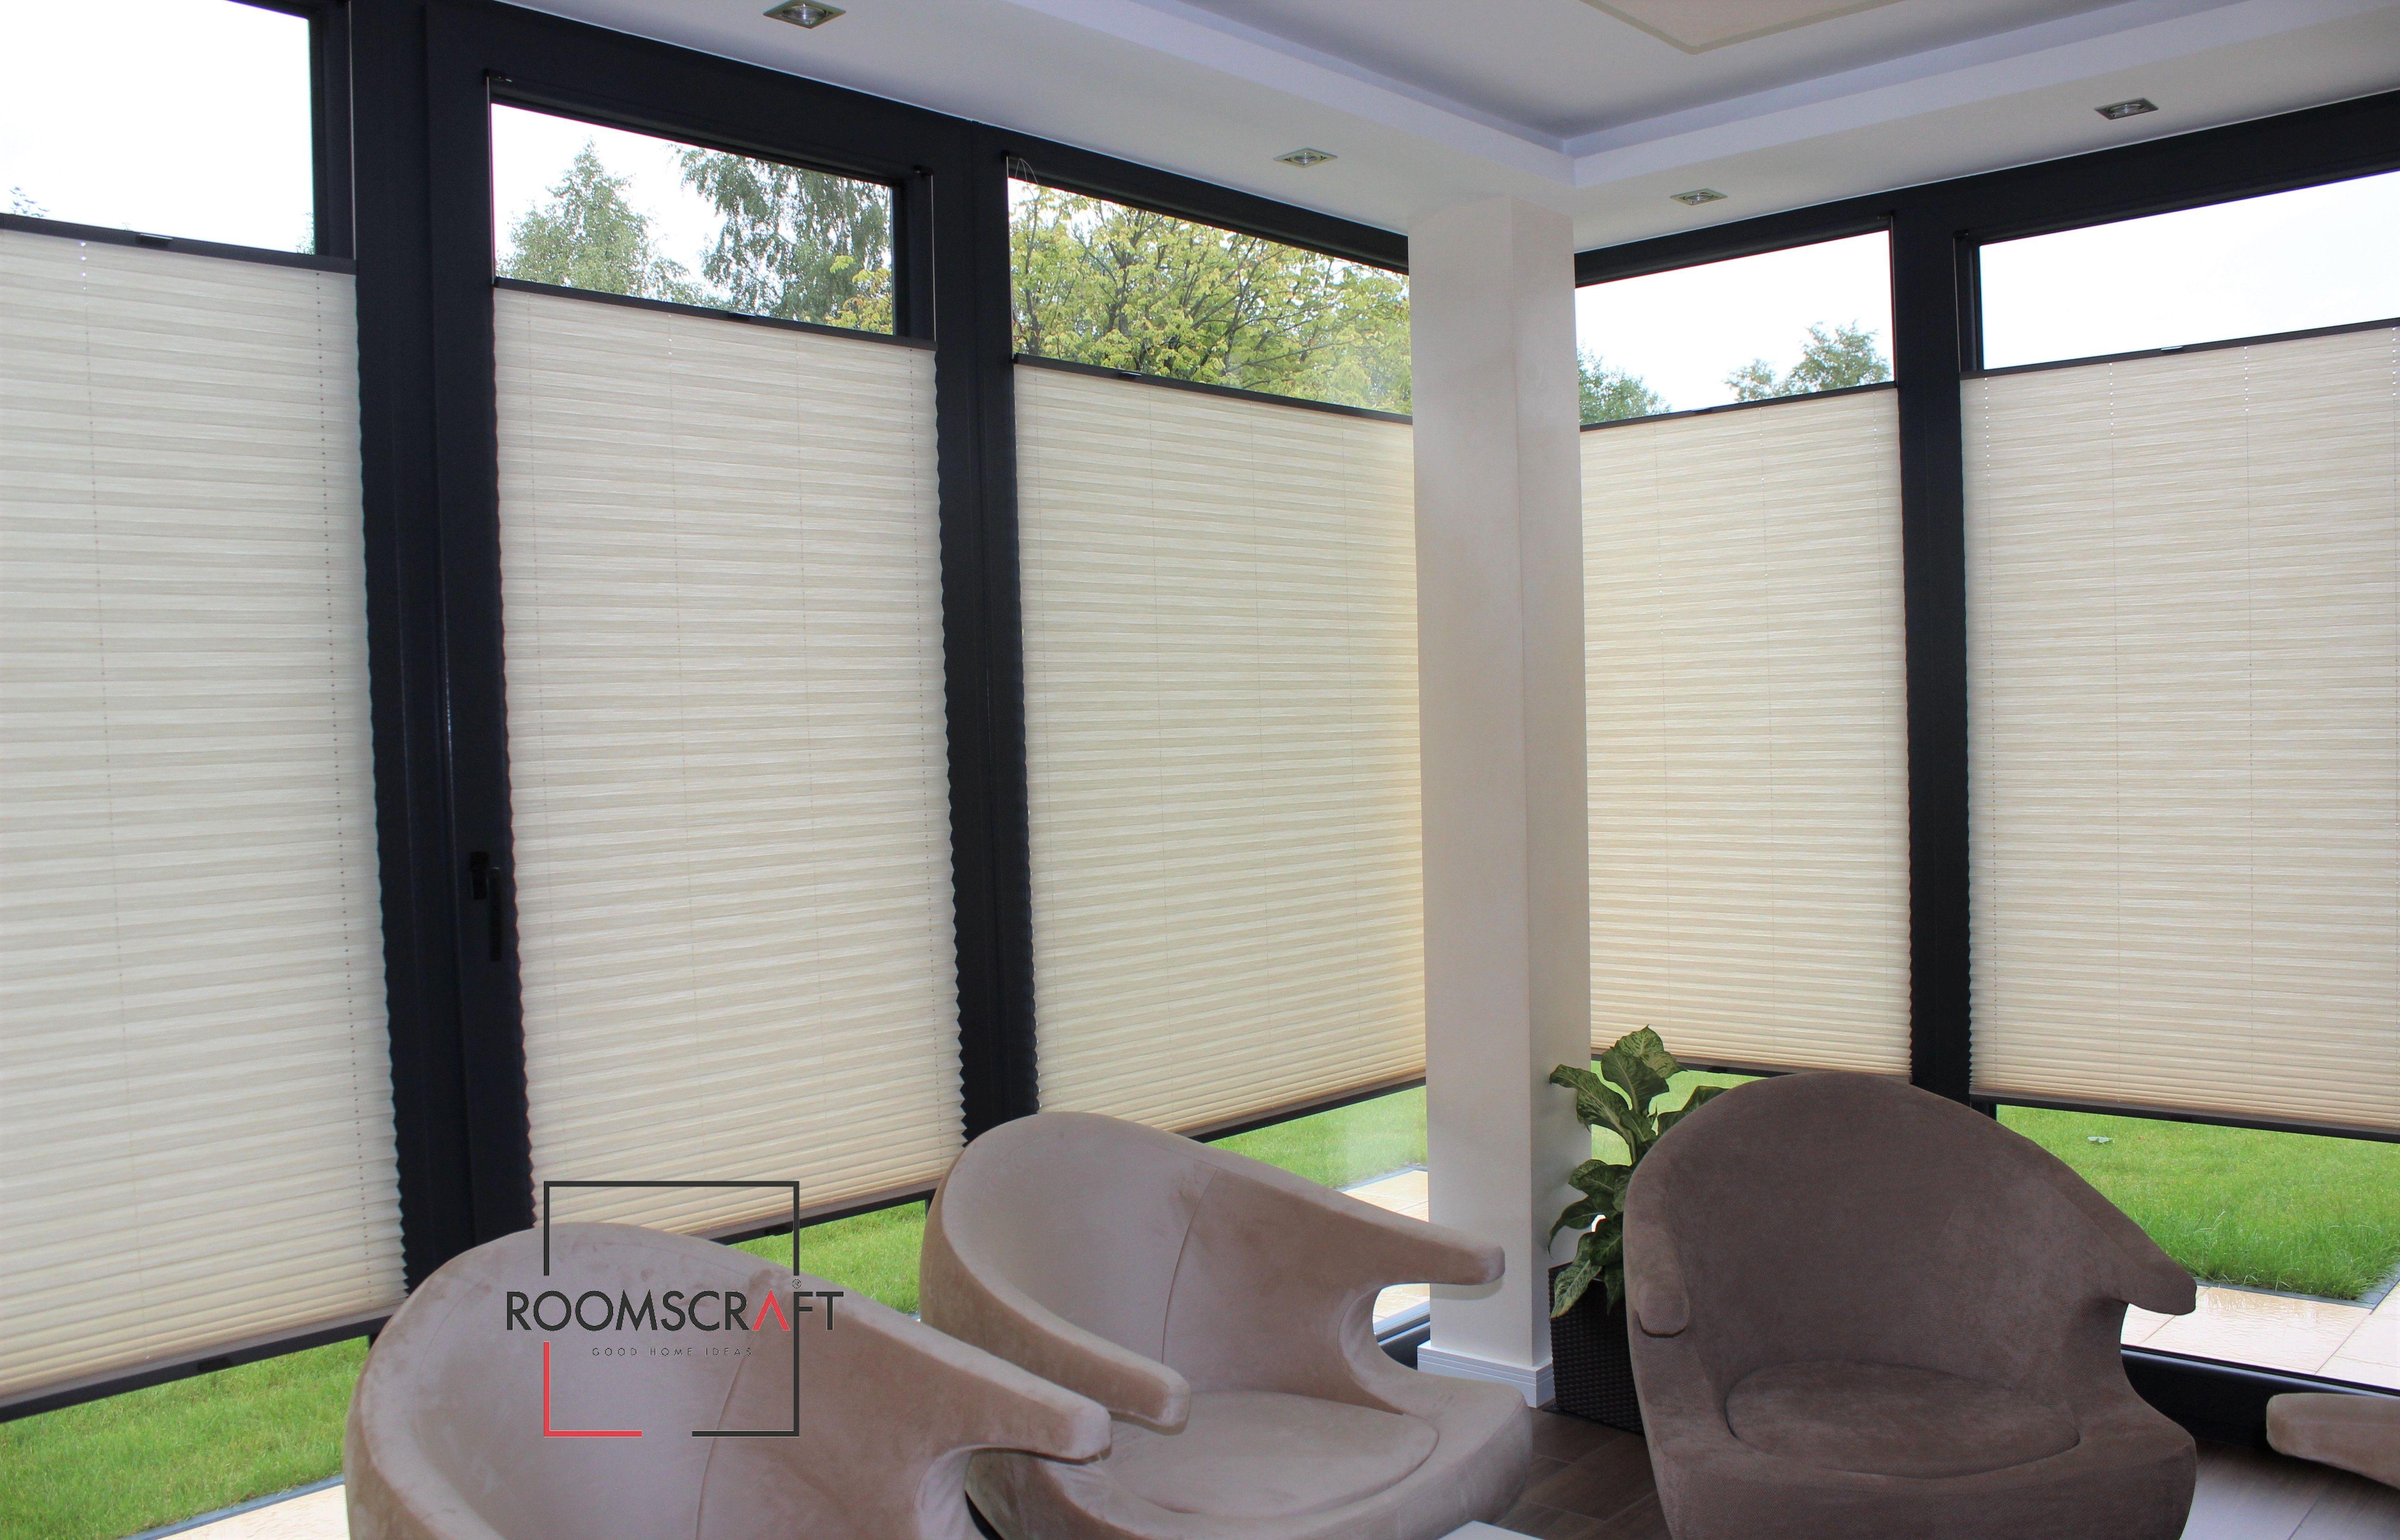 Wintergarten Sonnenschutz Sichtschutz Plissees Rollos Lamellen Jalousie Sunprotection Sightprotection Home Design Int Wintergarten Jalousien Design